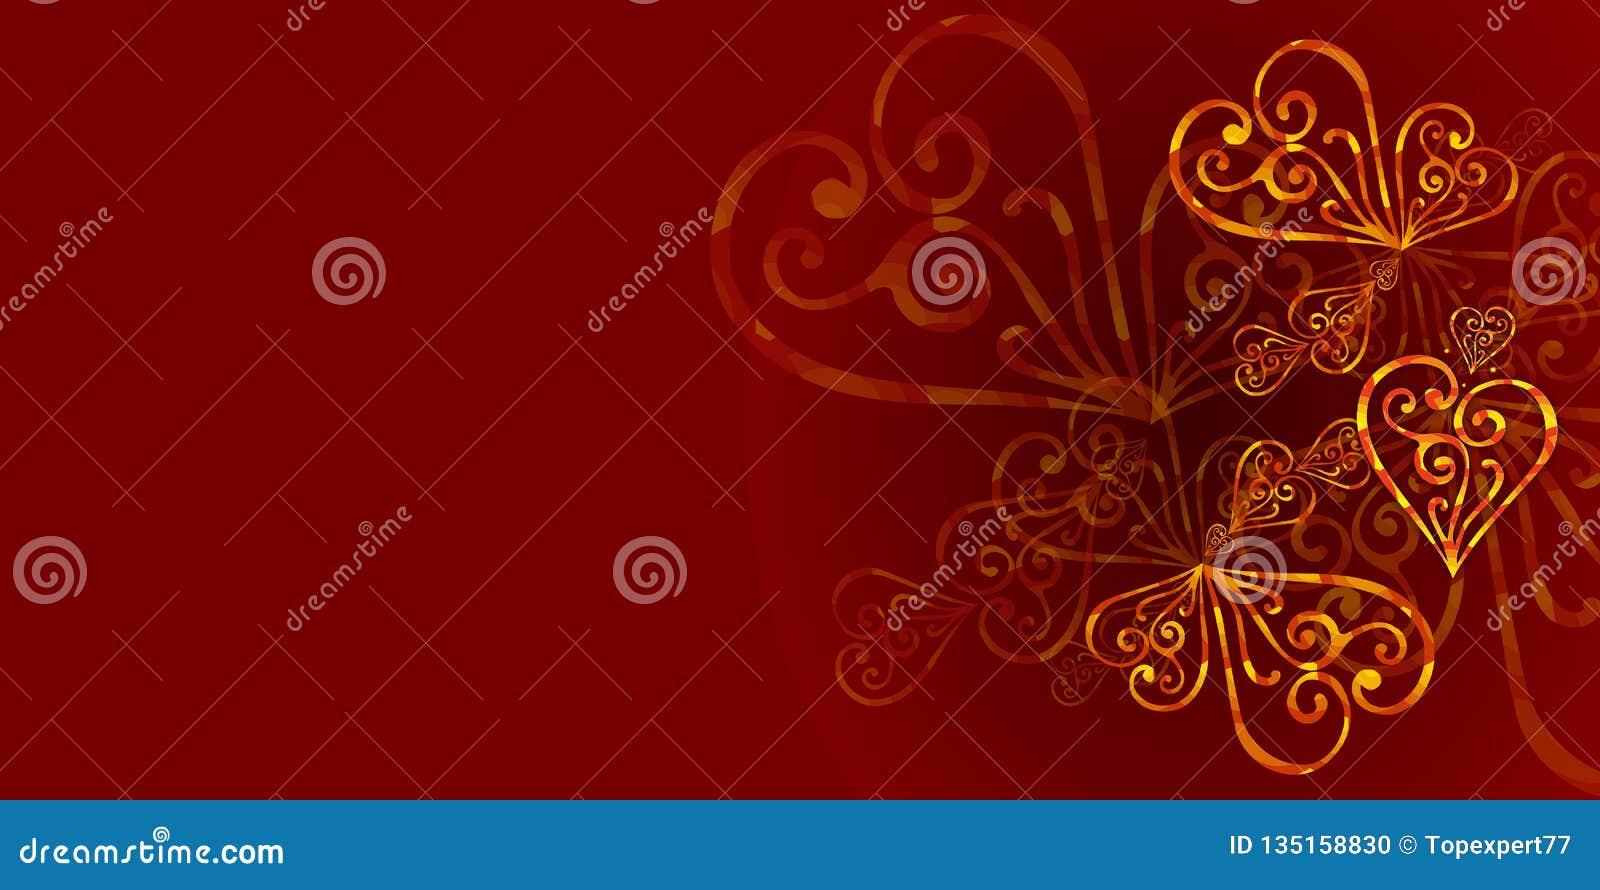 Un rojo, fondo floral del color de Borgoña con el ornamento del oro Un fondo real del color de Borgoña con los corazones del oro